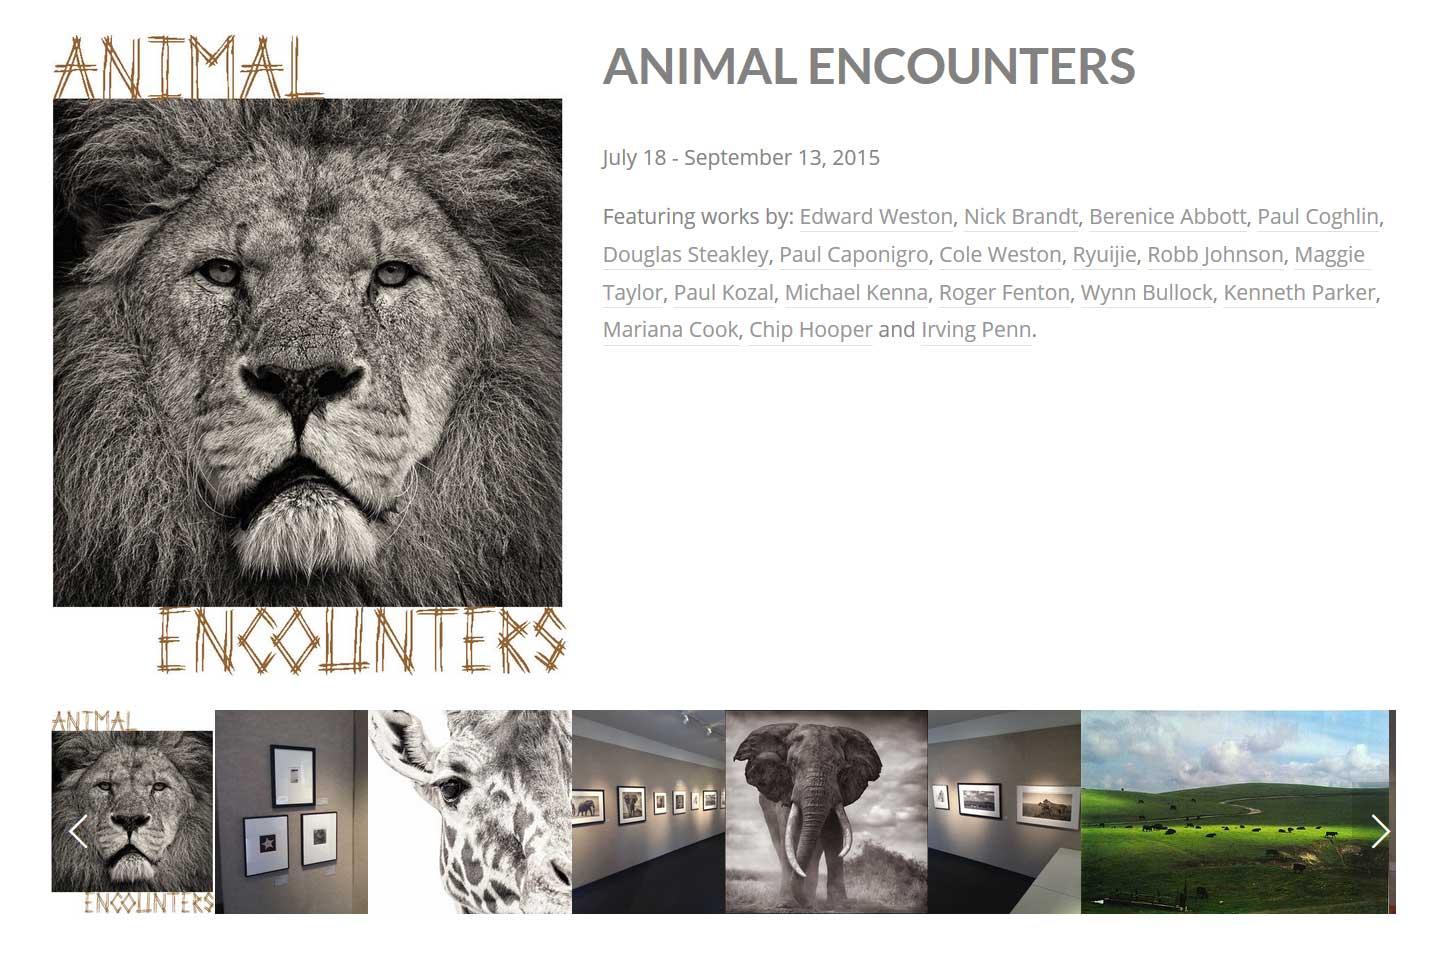 Animal-Encounters-Exhibitio.jpg